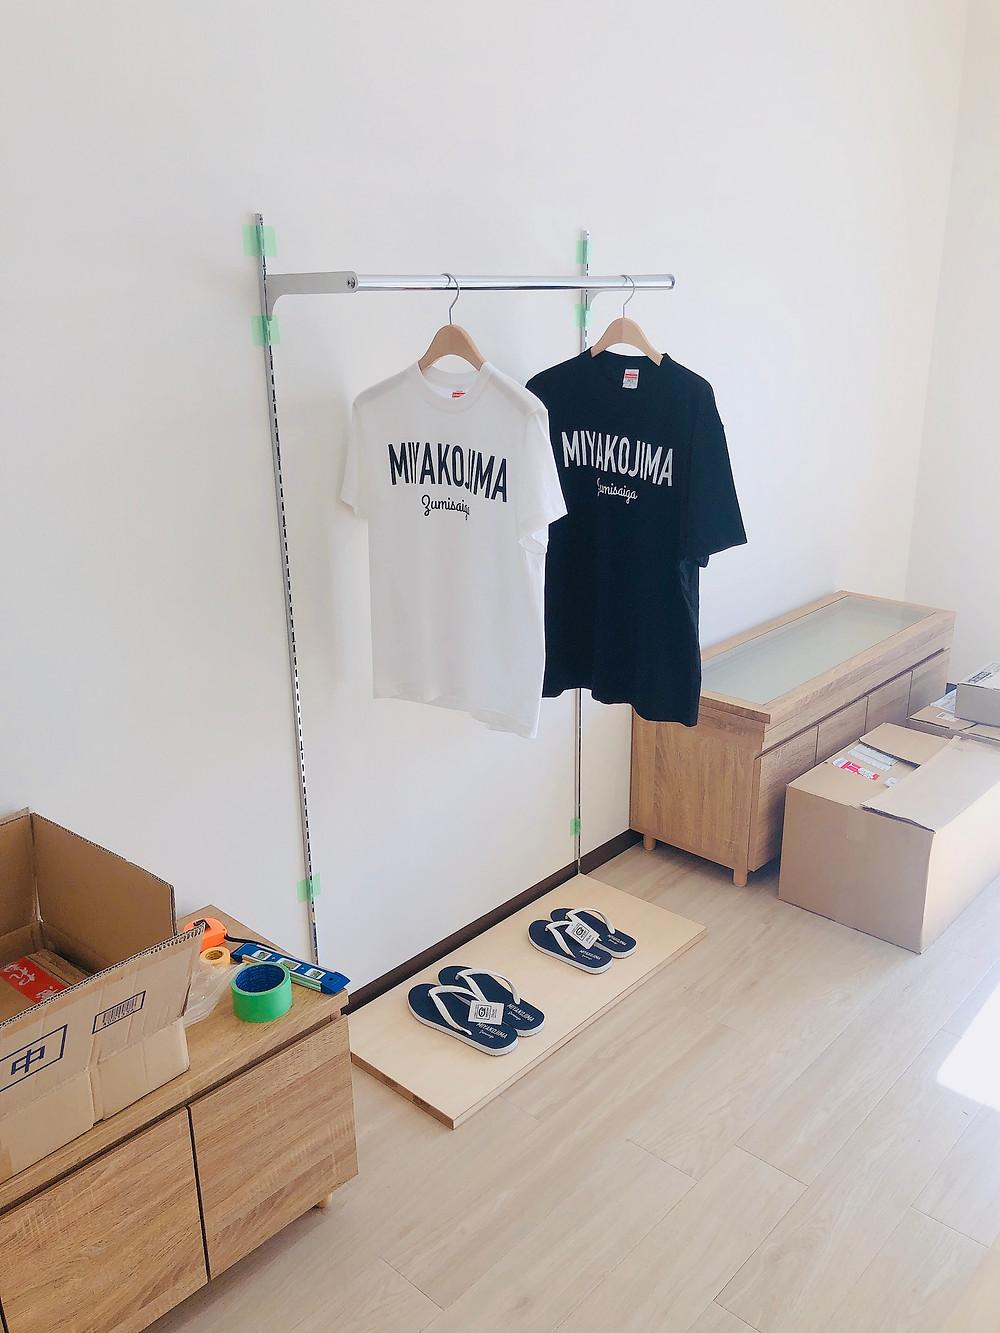 エヌブラスト MIYAKOHIMA Zumisaiga Tシャツ